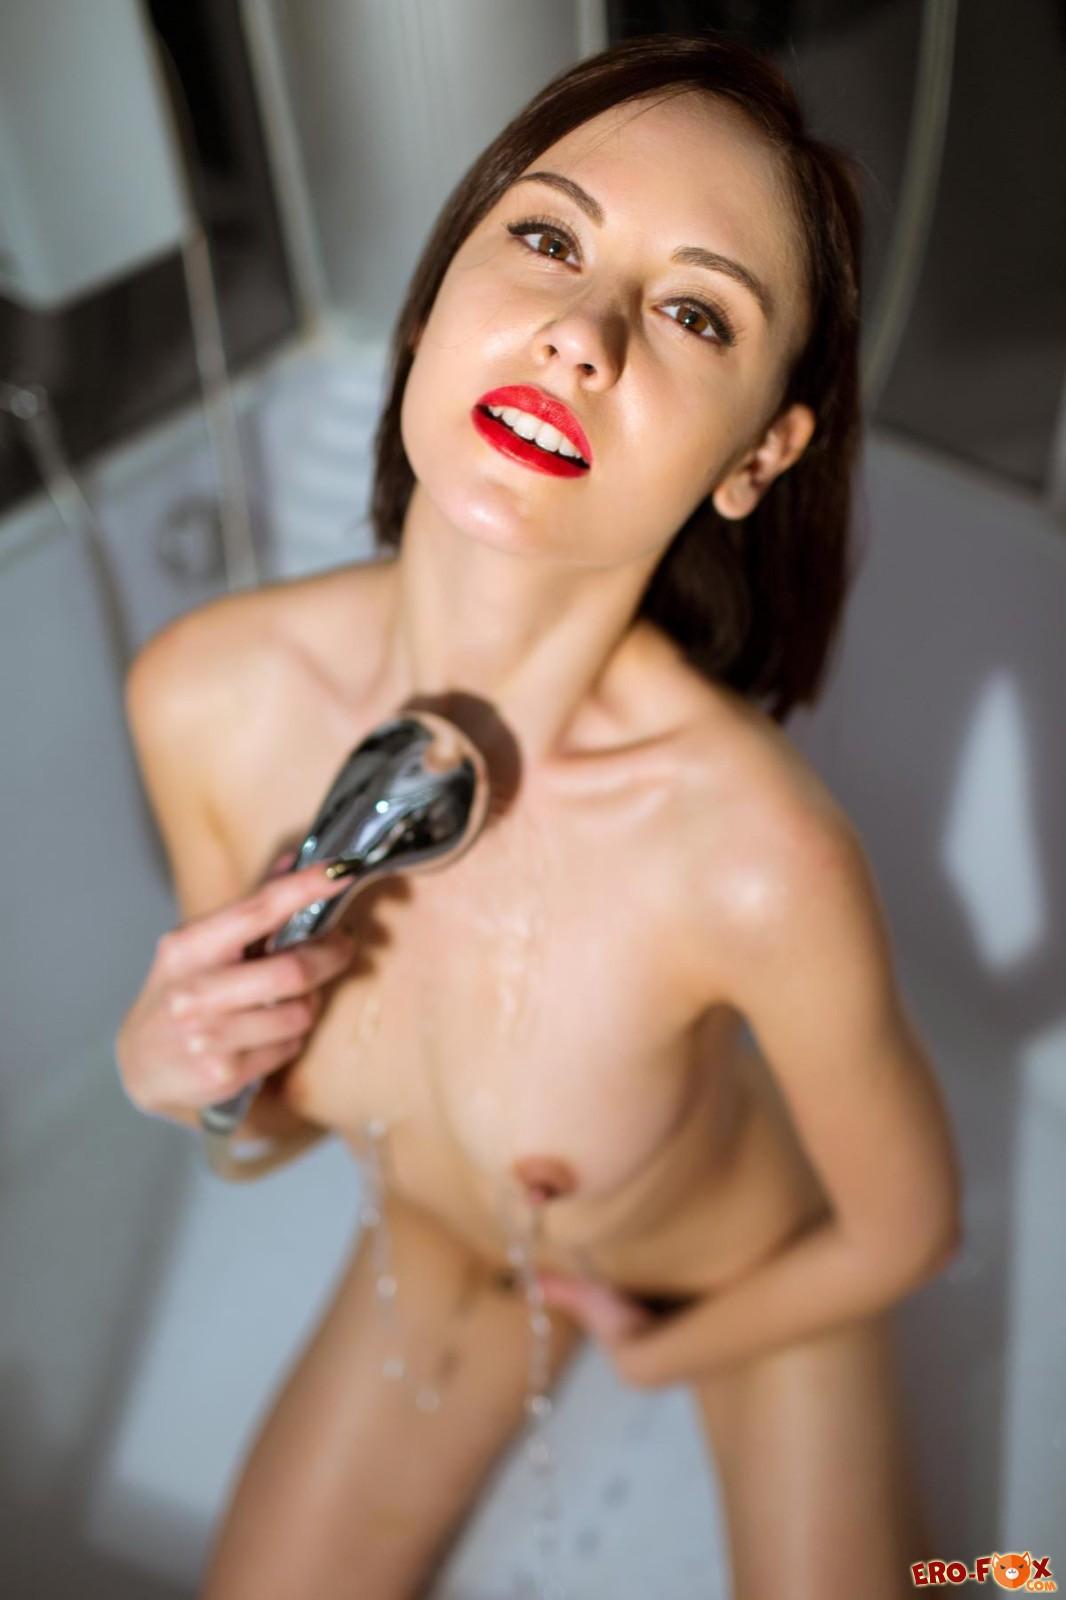 Девушка моет маленькую грудь и киску в душе